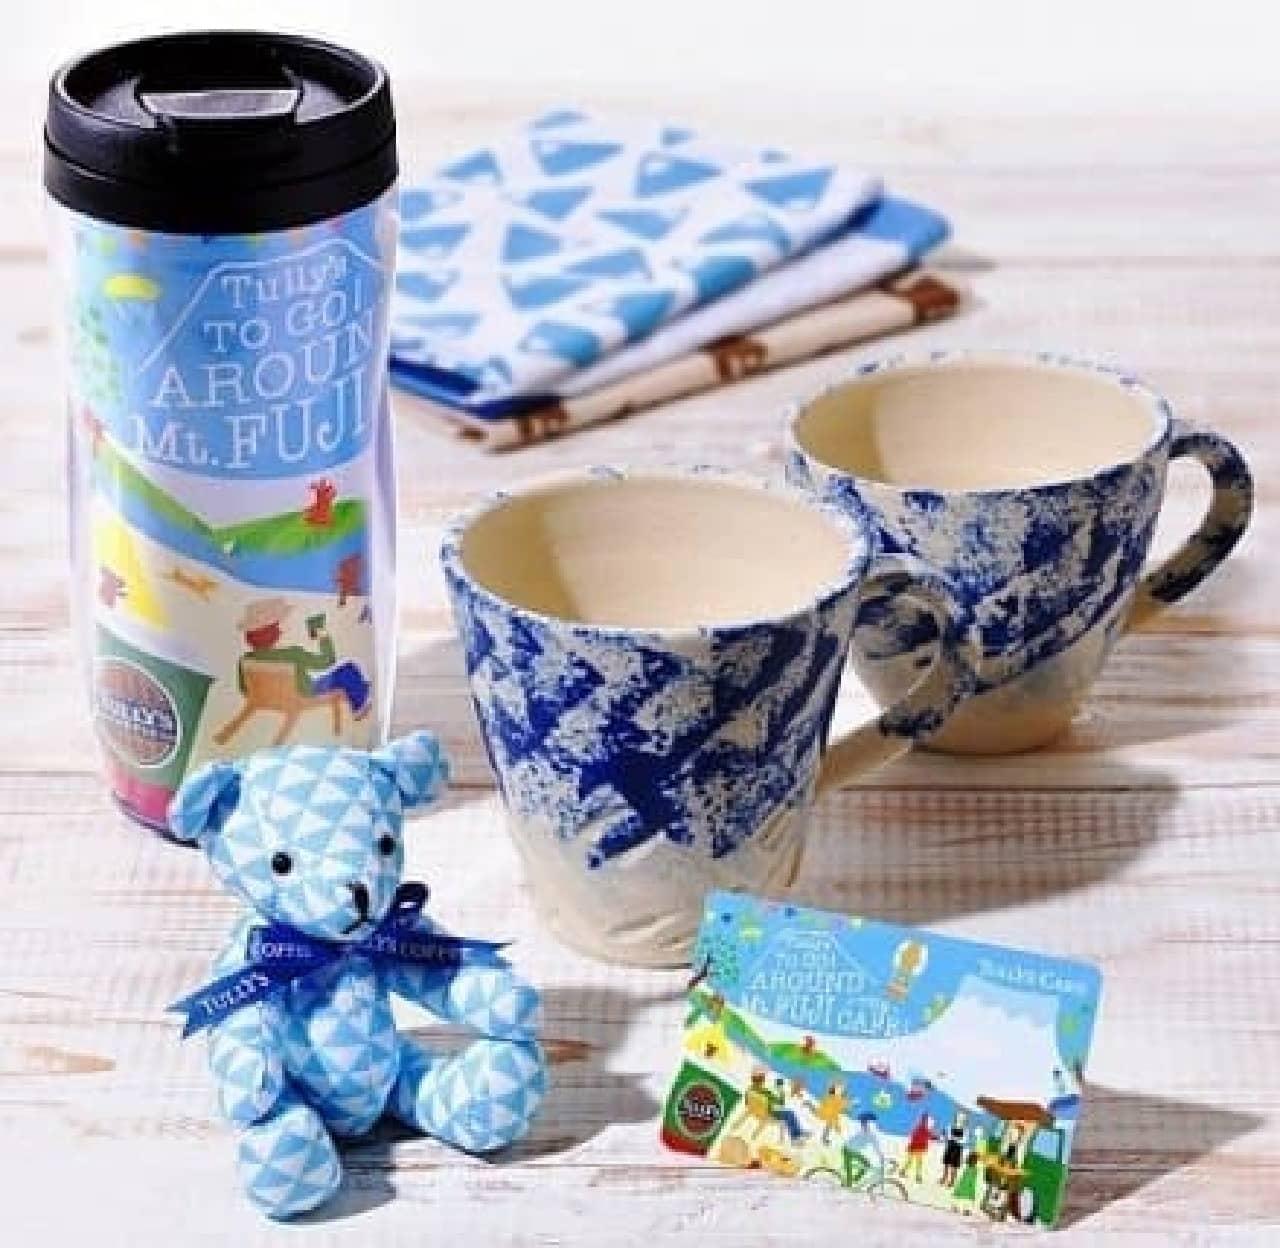 タリーズコーヒー「富士山エリア限定タンブラー」「タリーズミニテディ(FUJI&SEA)」